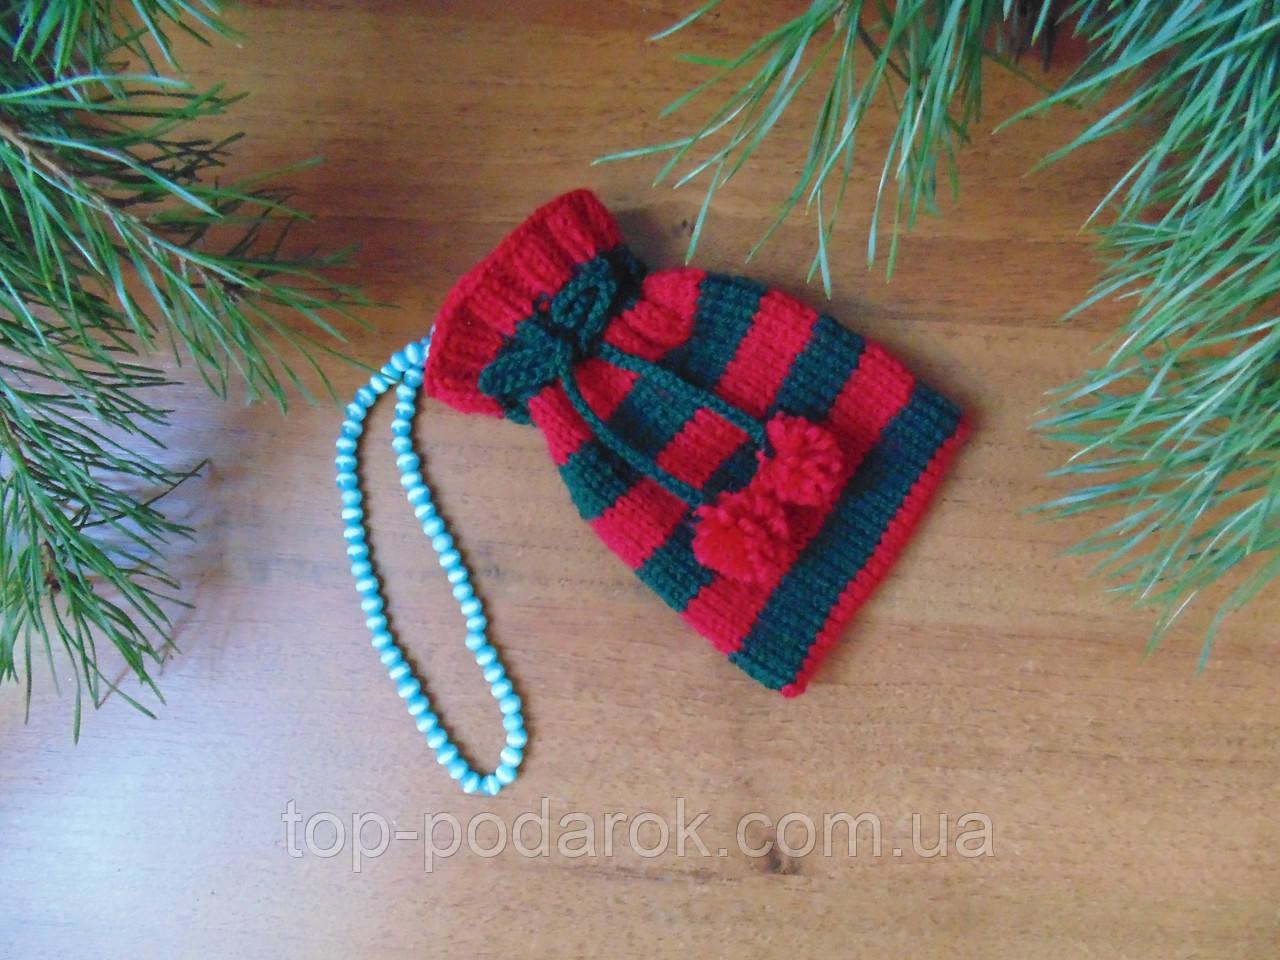 Аксесуар для новорічного подарунка,чохол для подарунка,мішечок для подарунка